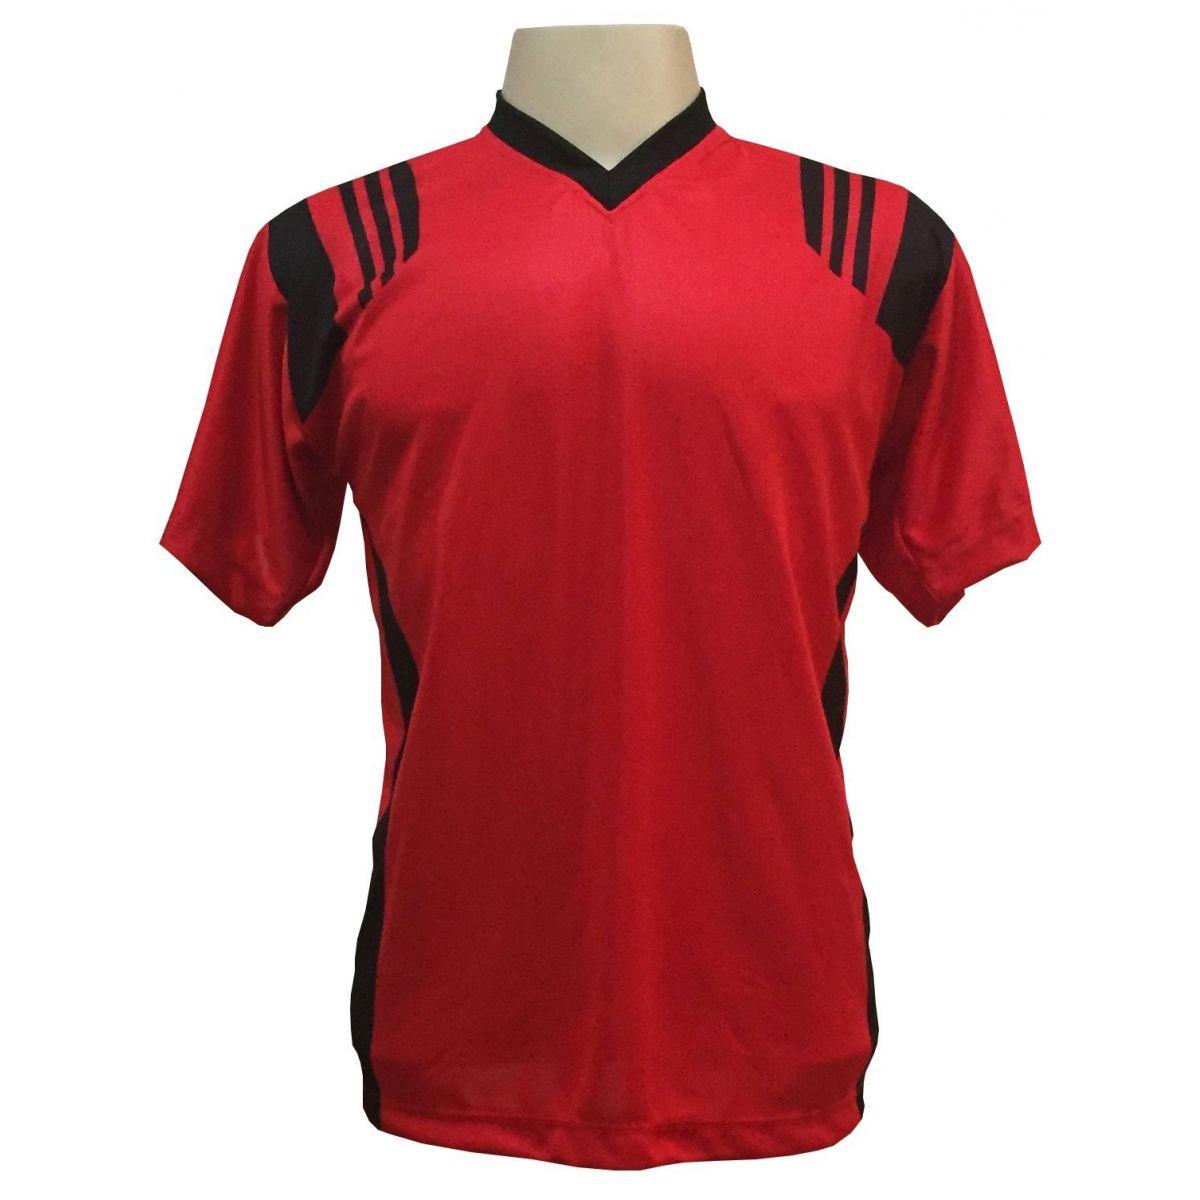 Jogo de Camisa com 12 unidades modelo Roma Vermelho/Preto + 1 Goleiro + Brindes